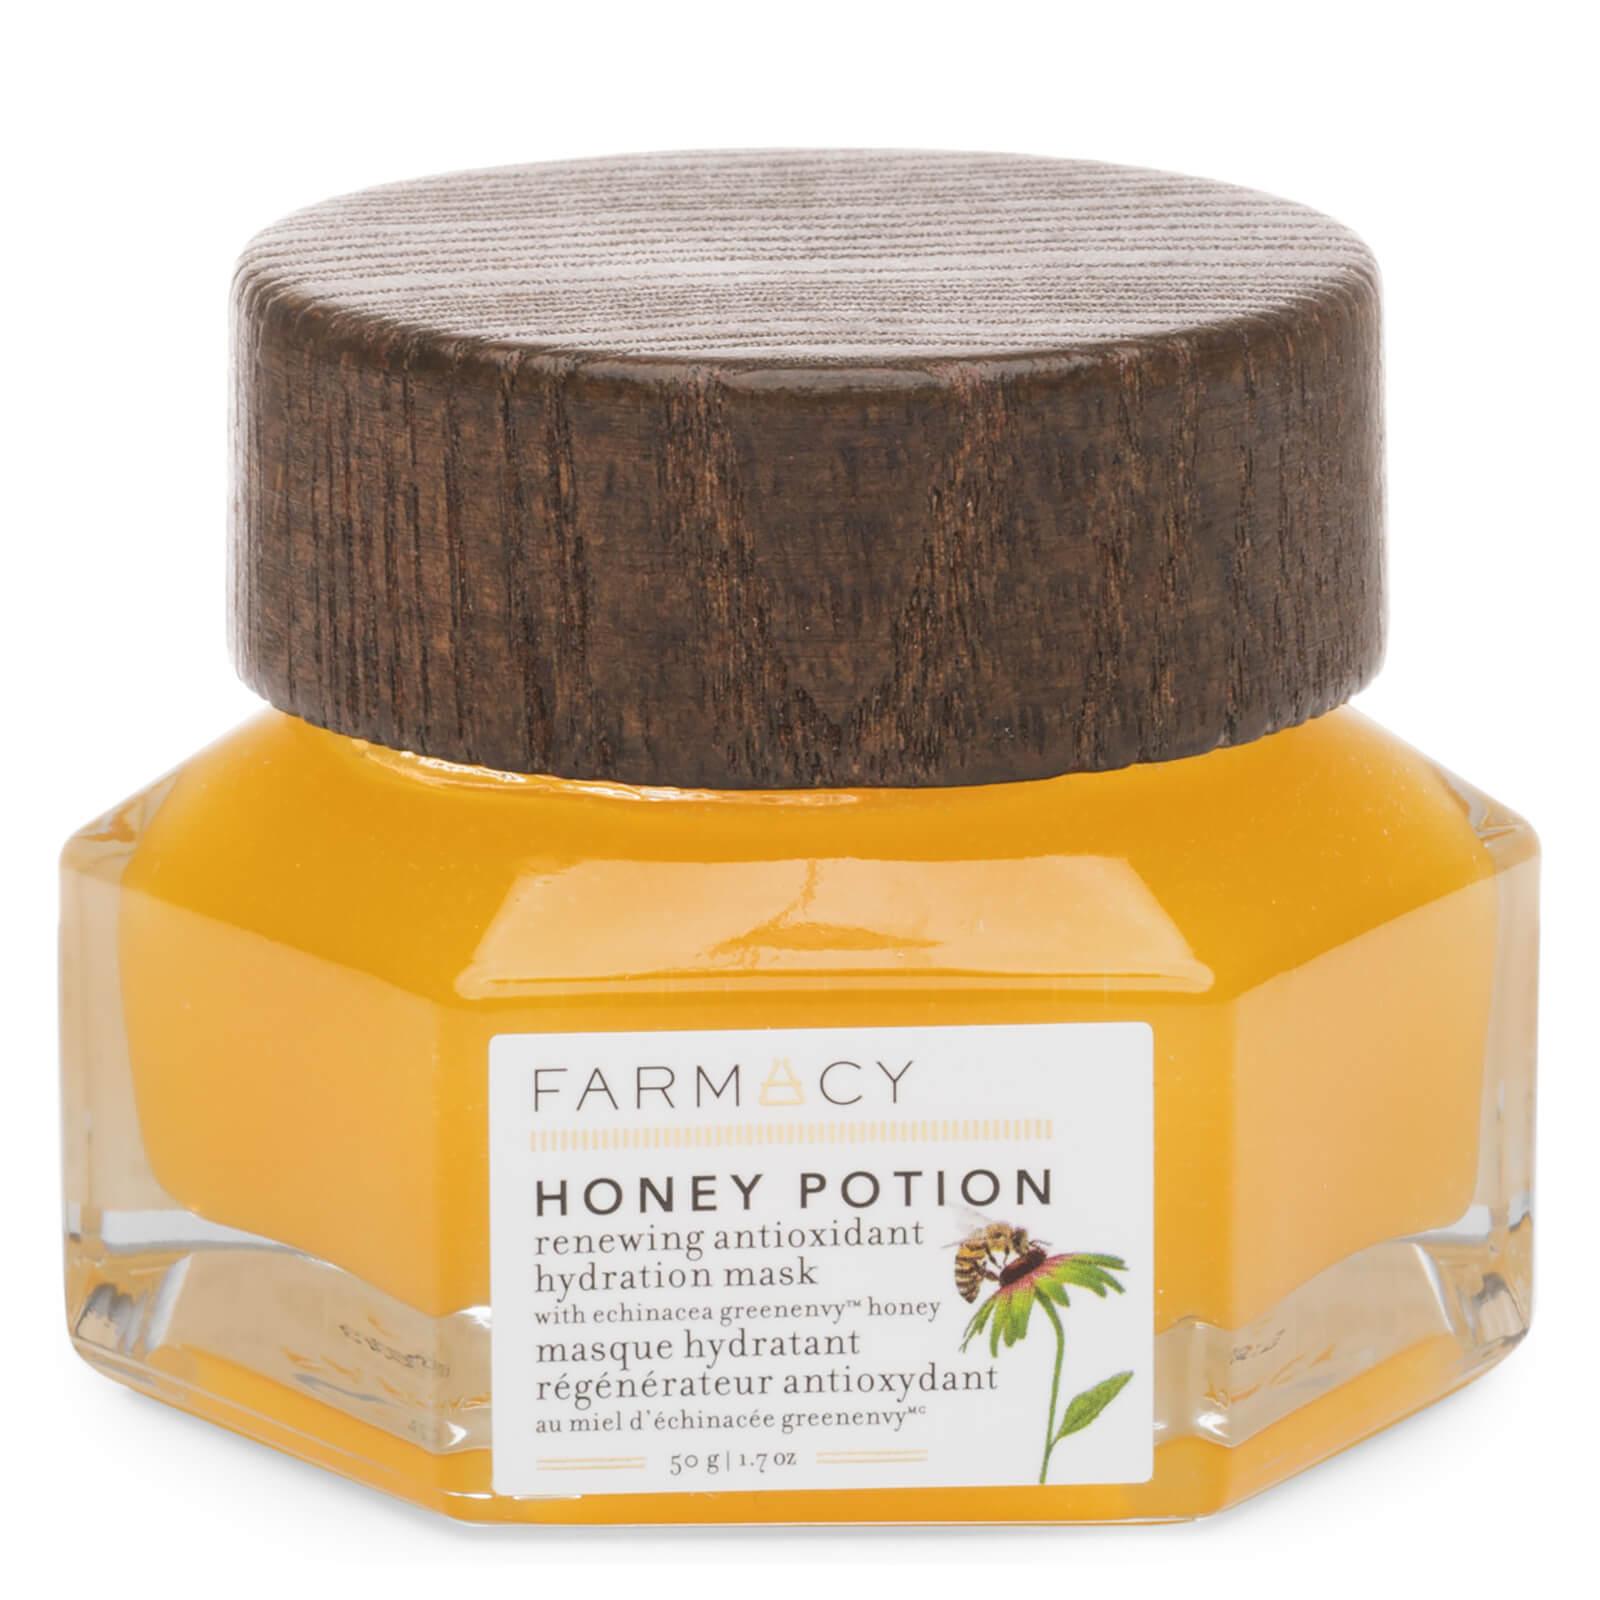 【55周年慶】FARMACY Honey Potion 蜂蜜煥彩補水面膜 50g